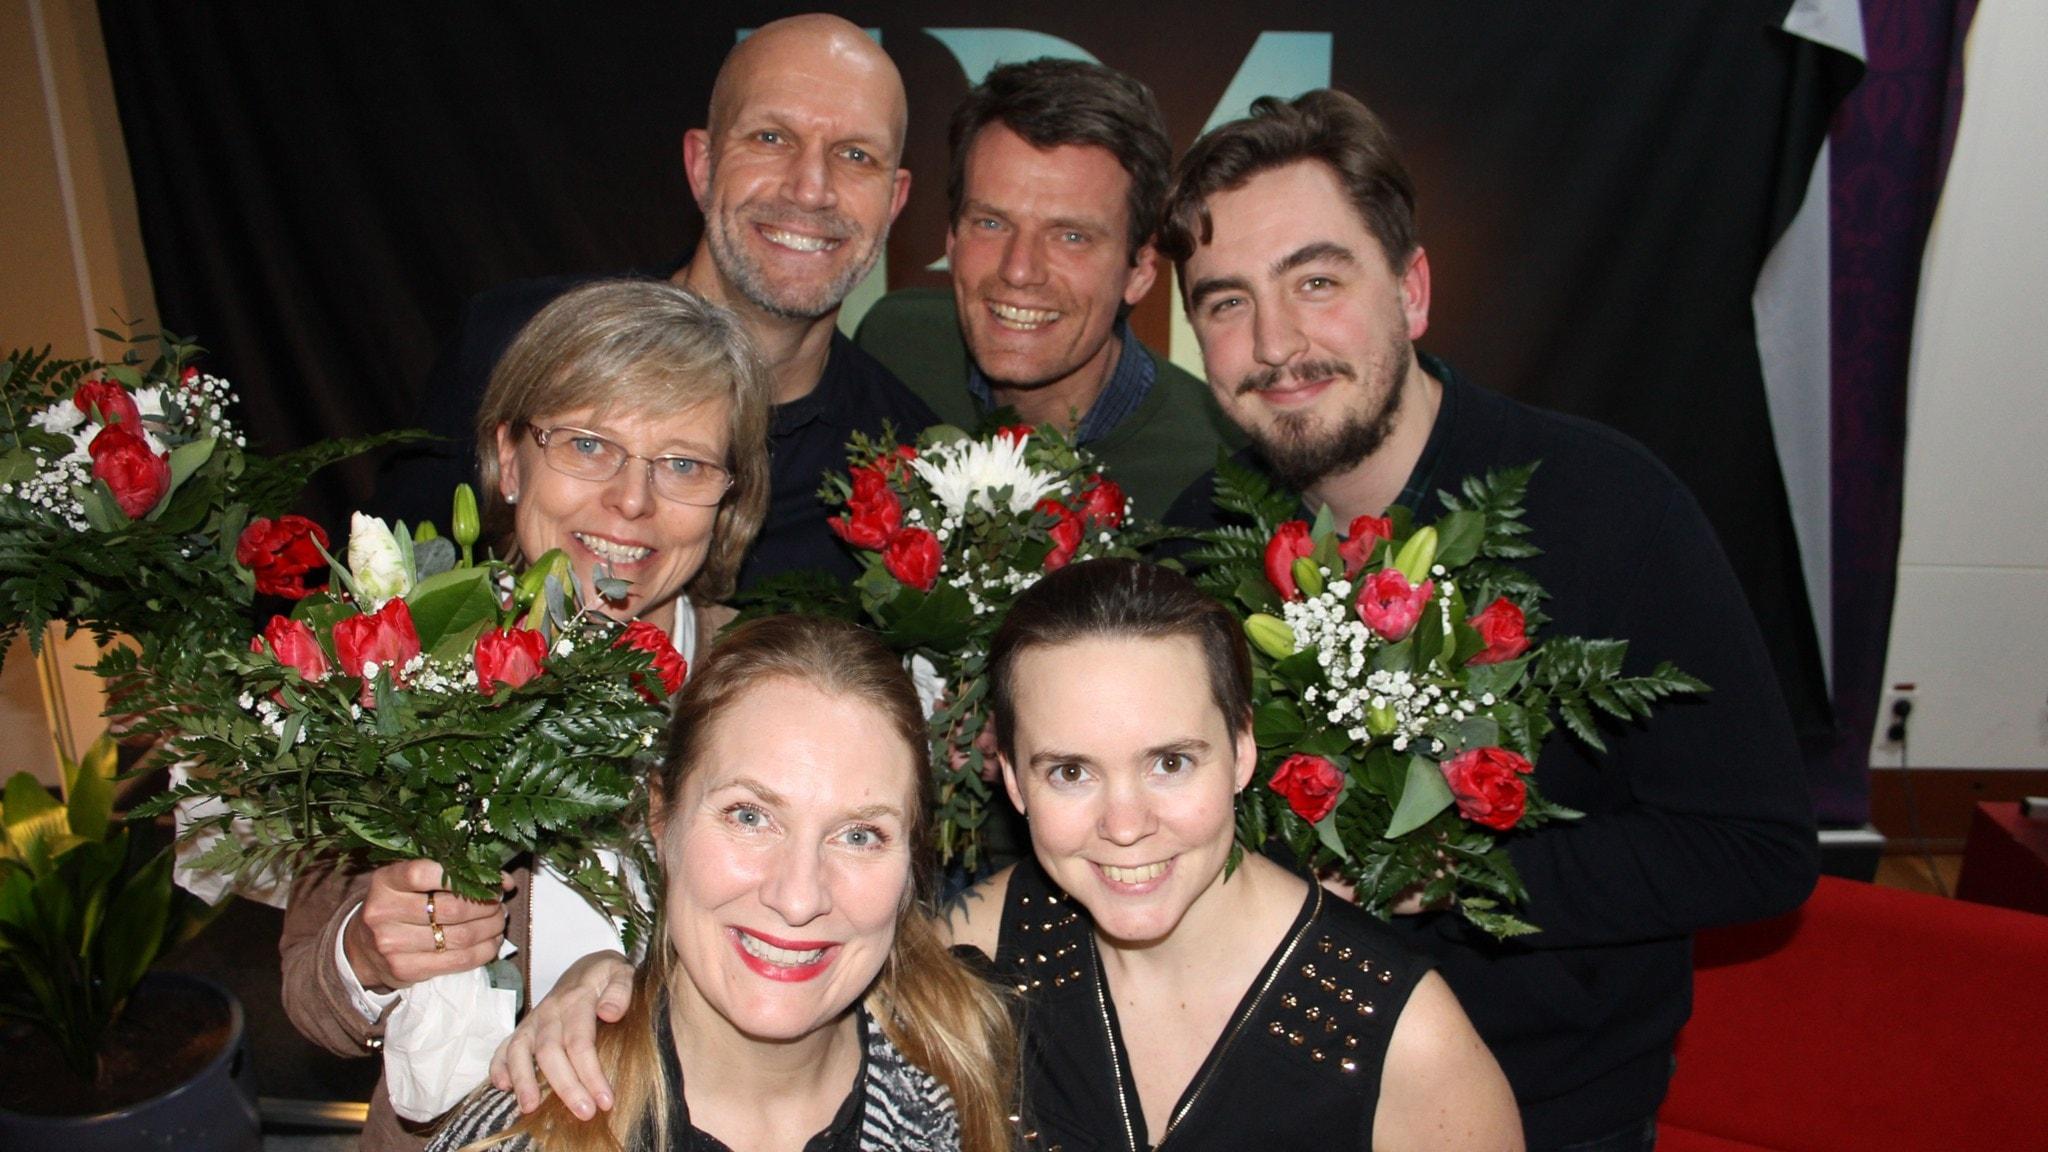 Henrik Hjelt, Mattias Konnebäck, Ingrid Carlberg och Jack Werner